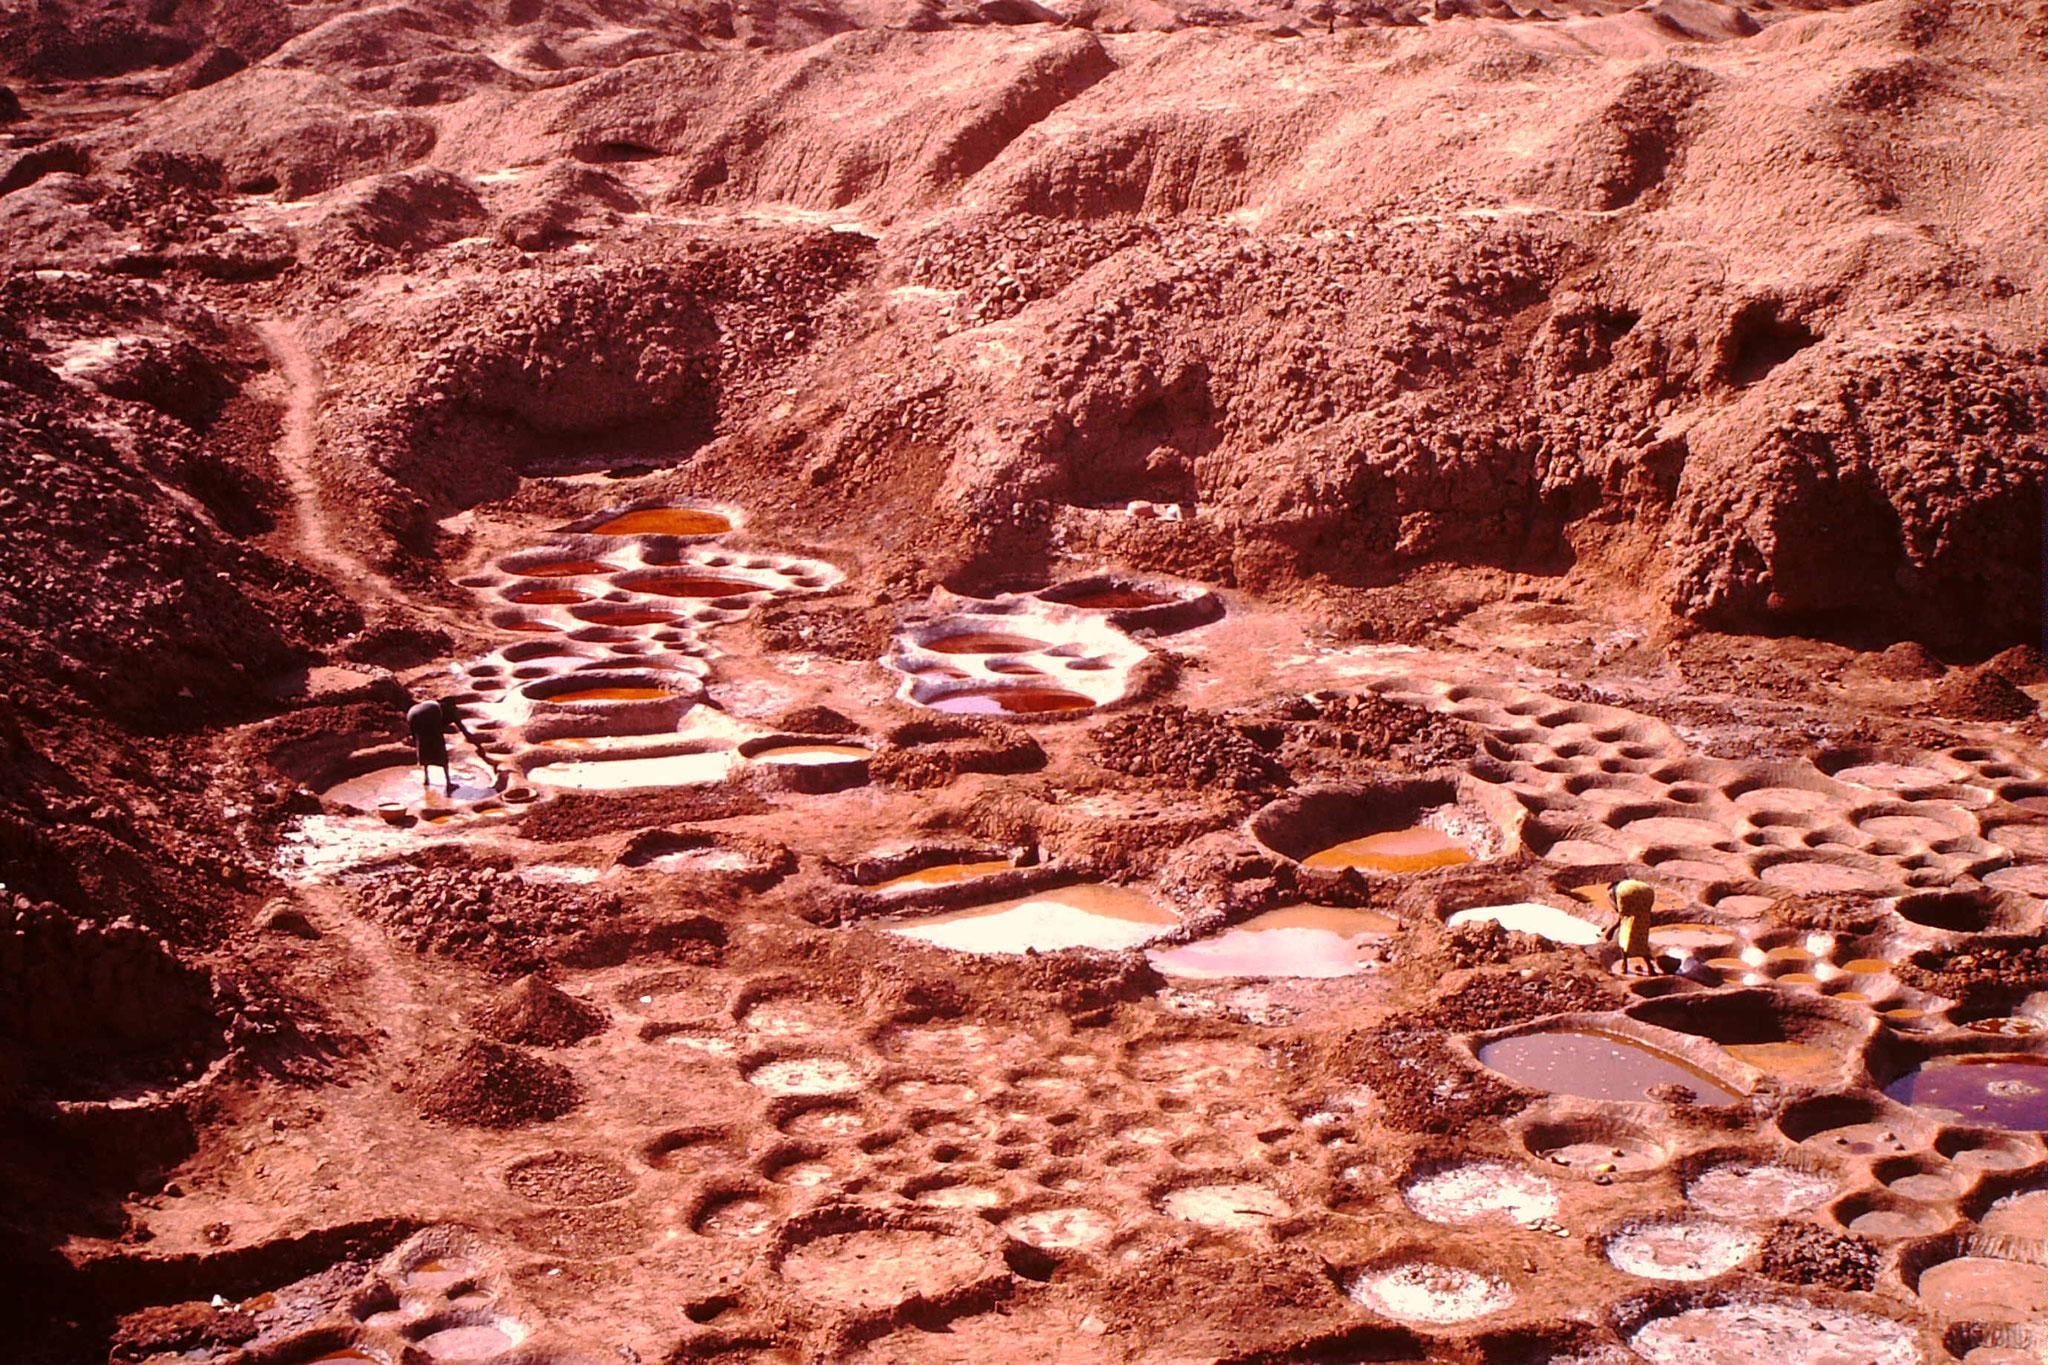 Die Salzminen vonTeguidam Tessum.